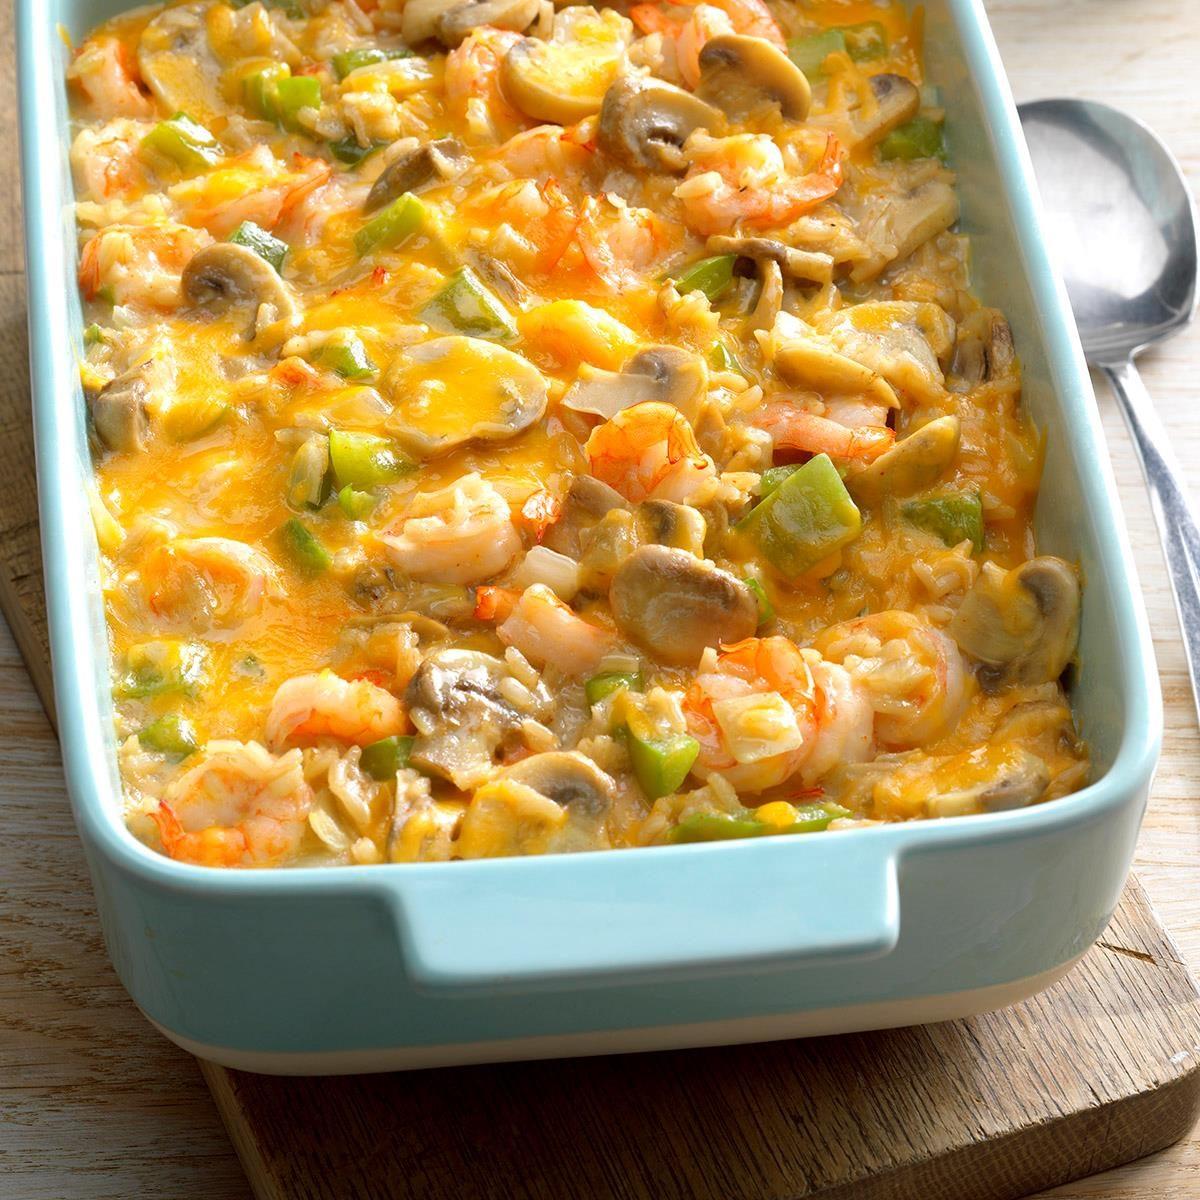 67 Healthy Comfort Food Recipes